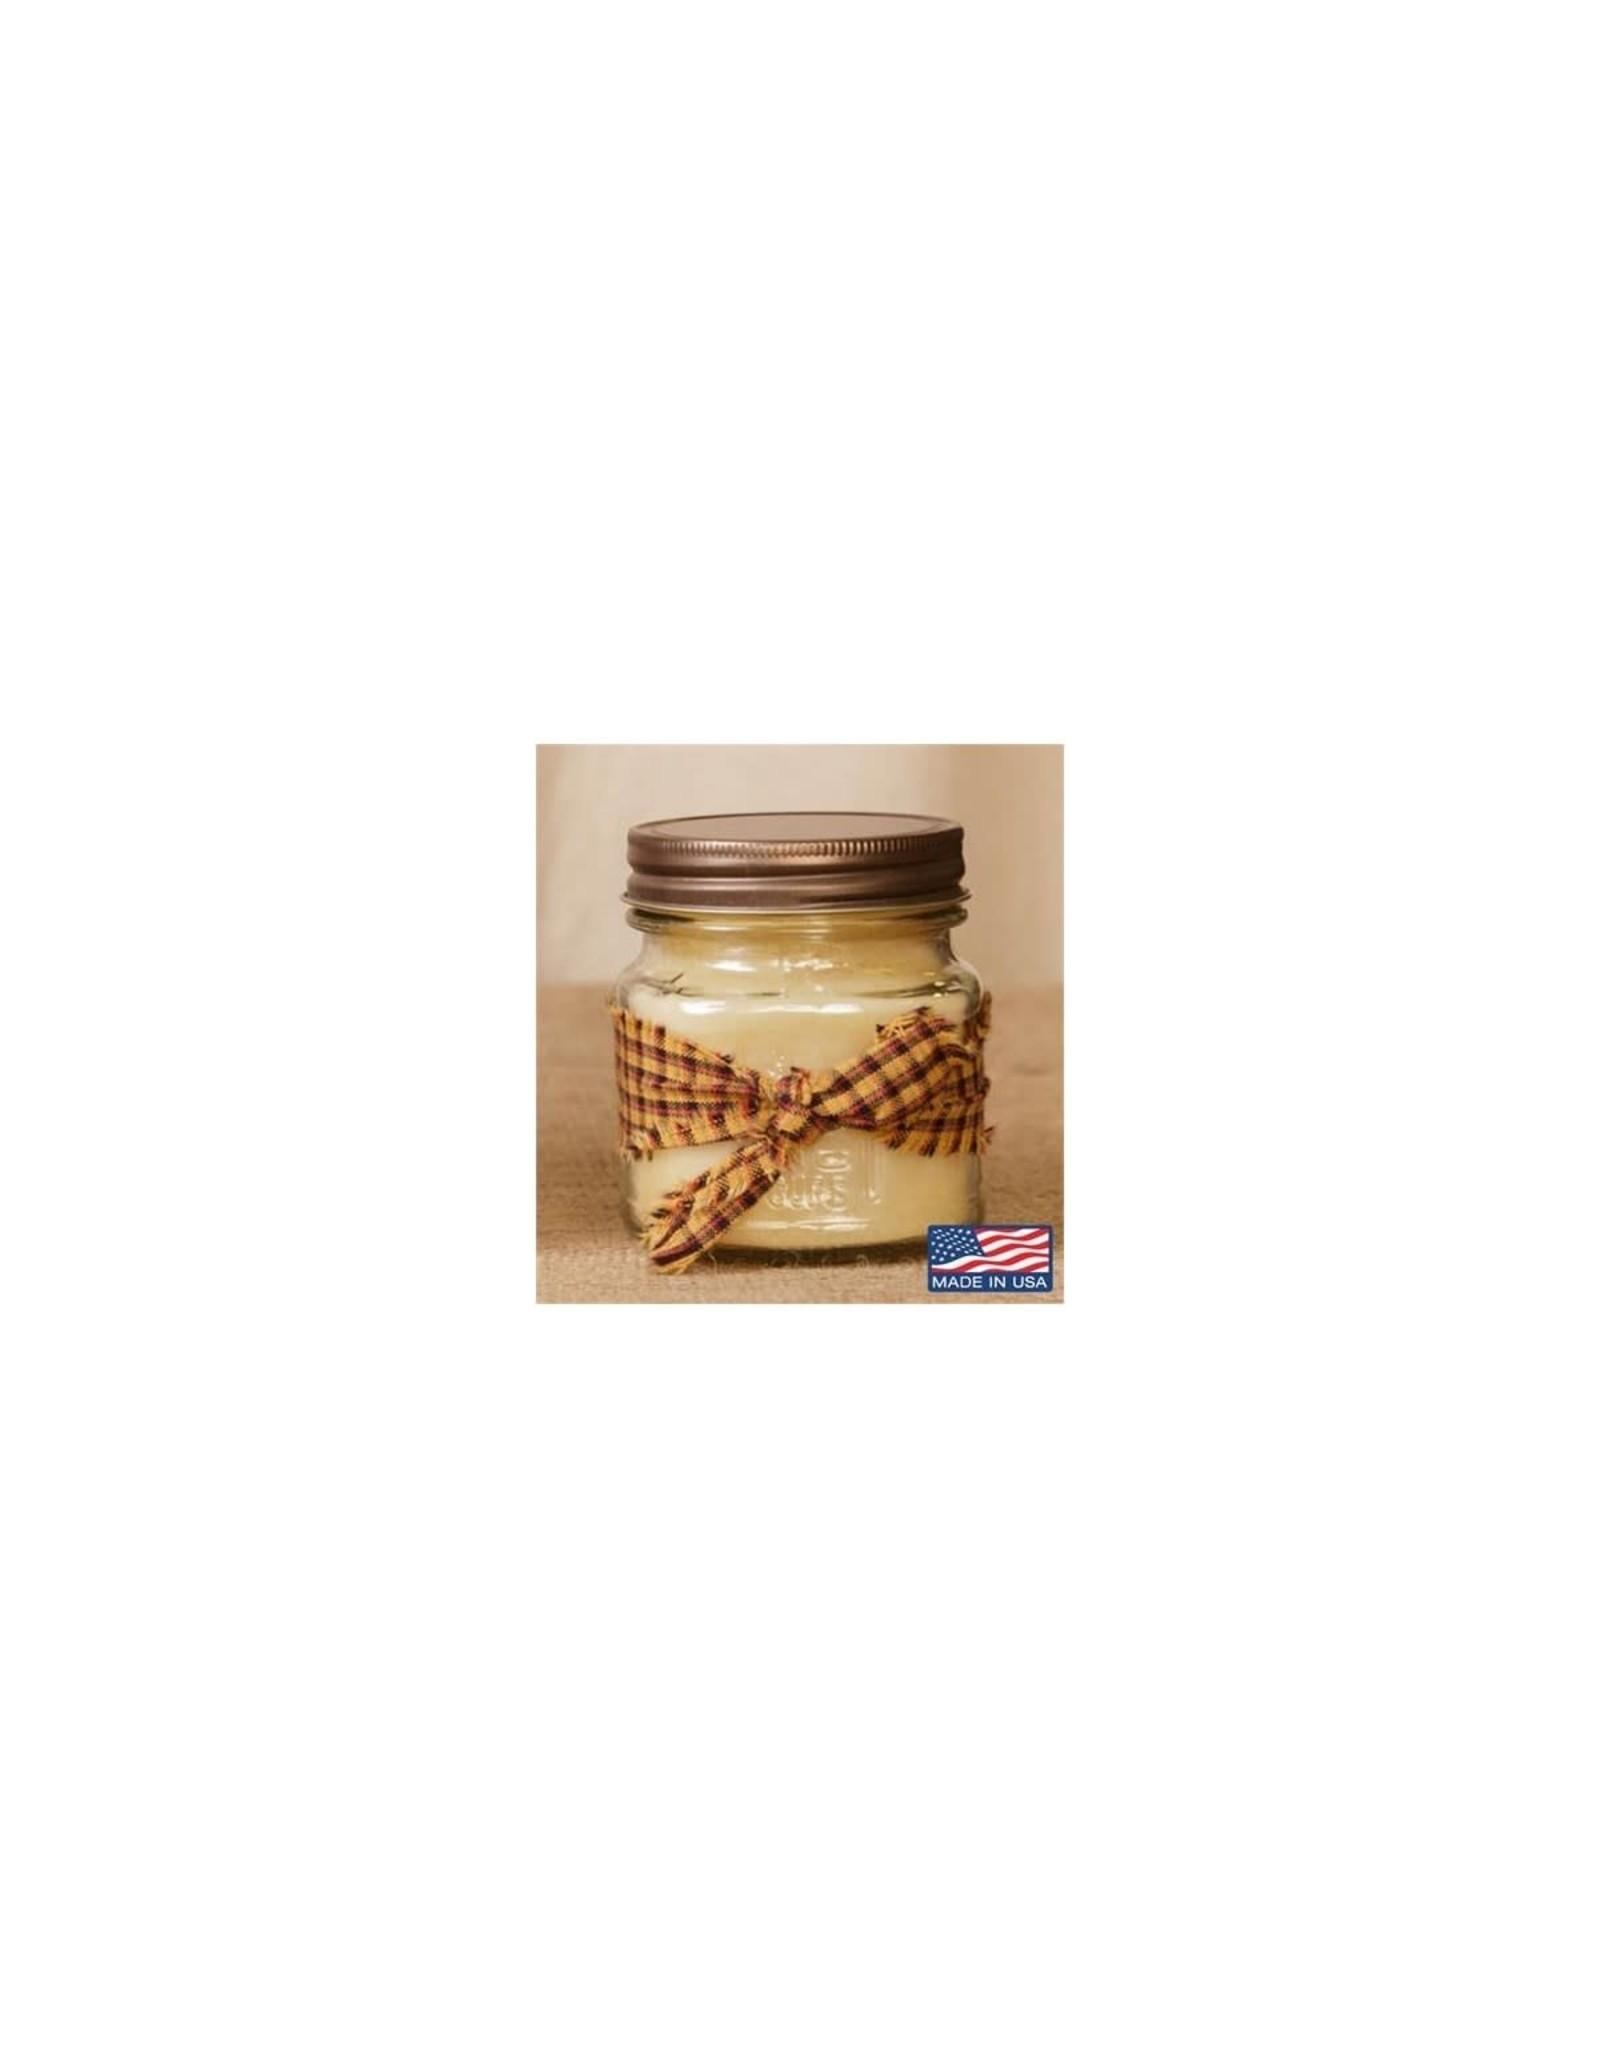 Candle- Buttermilk Pancakes 8oz 8C0480-8